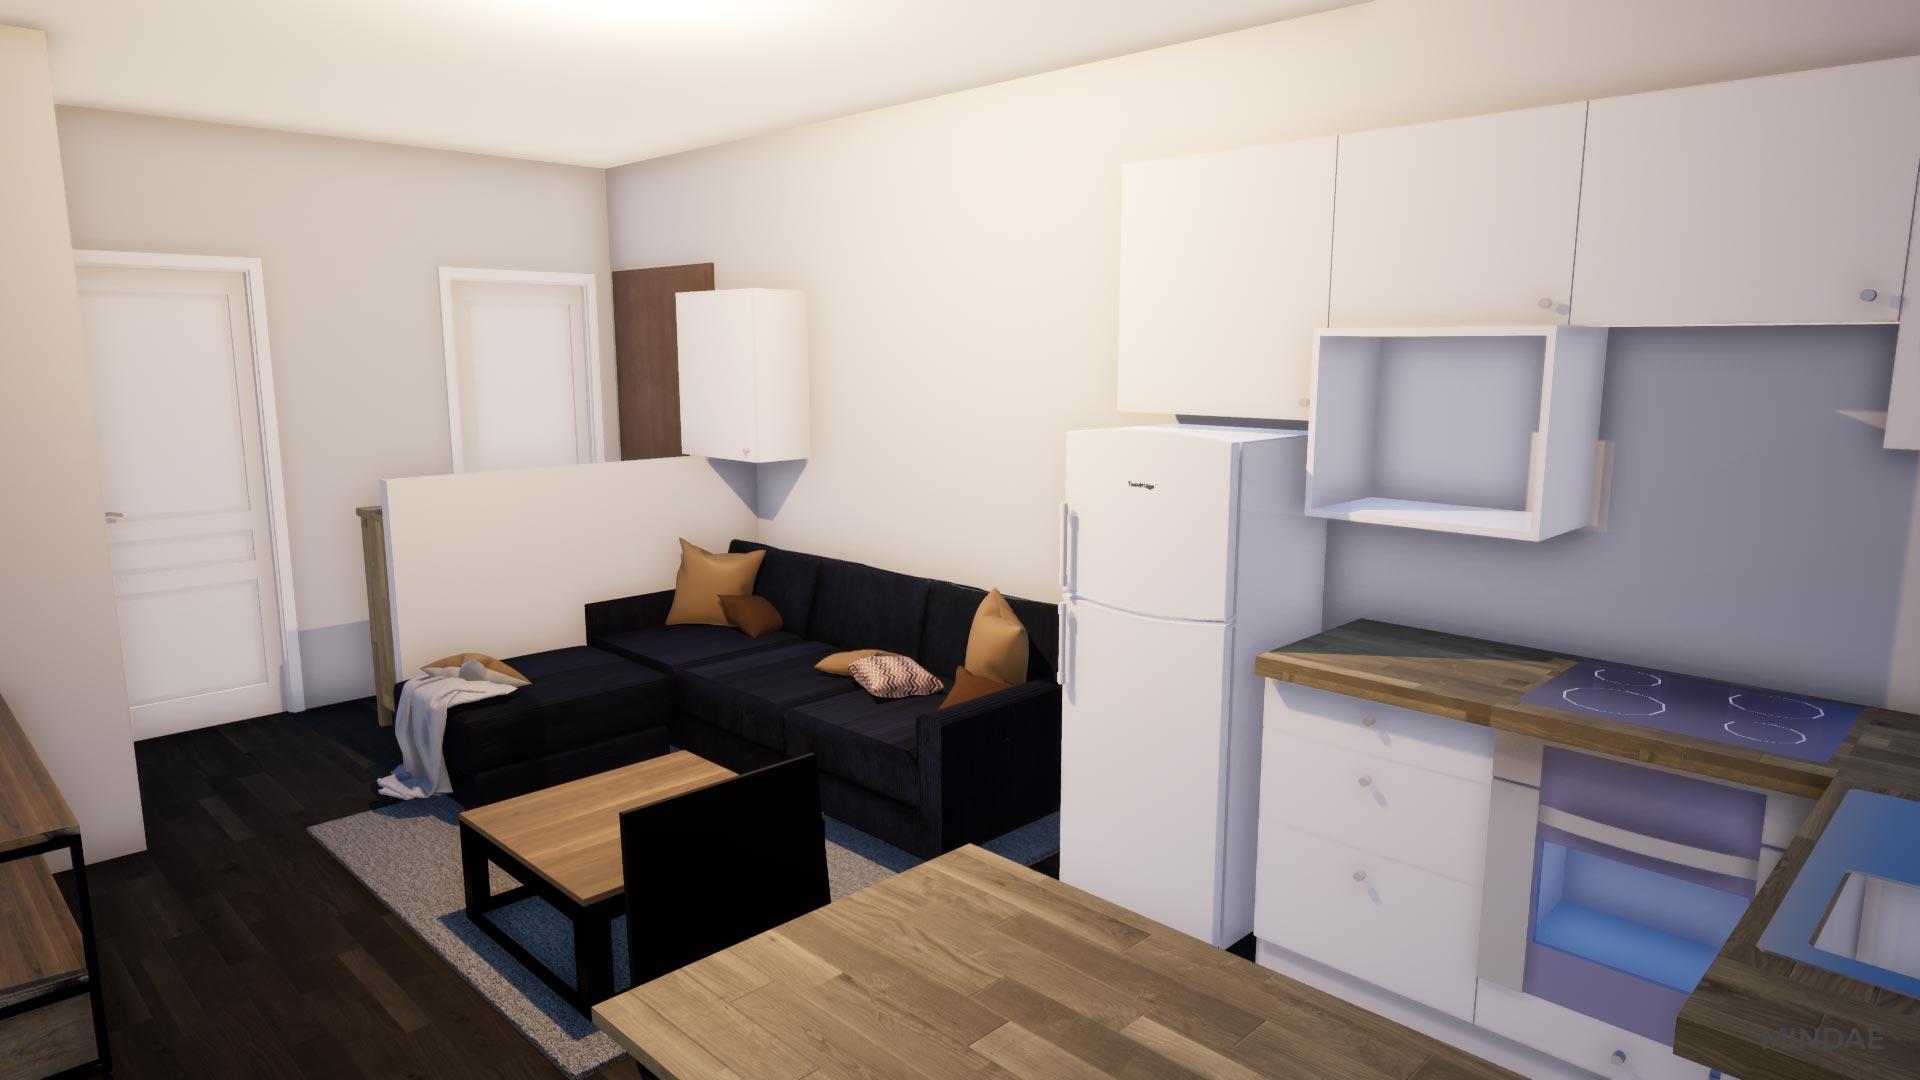 Mindae_3D_AS_Immobilier_salon_cuisine_etudiant_colocation_investisseur_amenagement_interieur_caen_projet_A-(4)